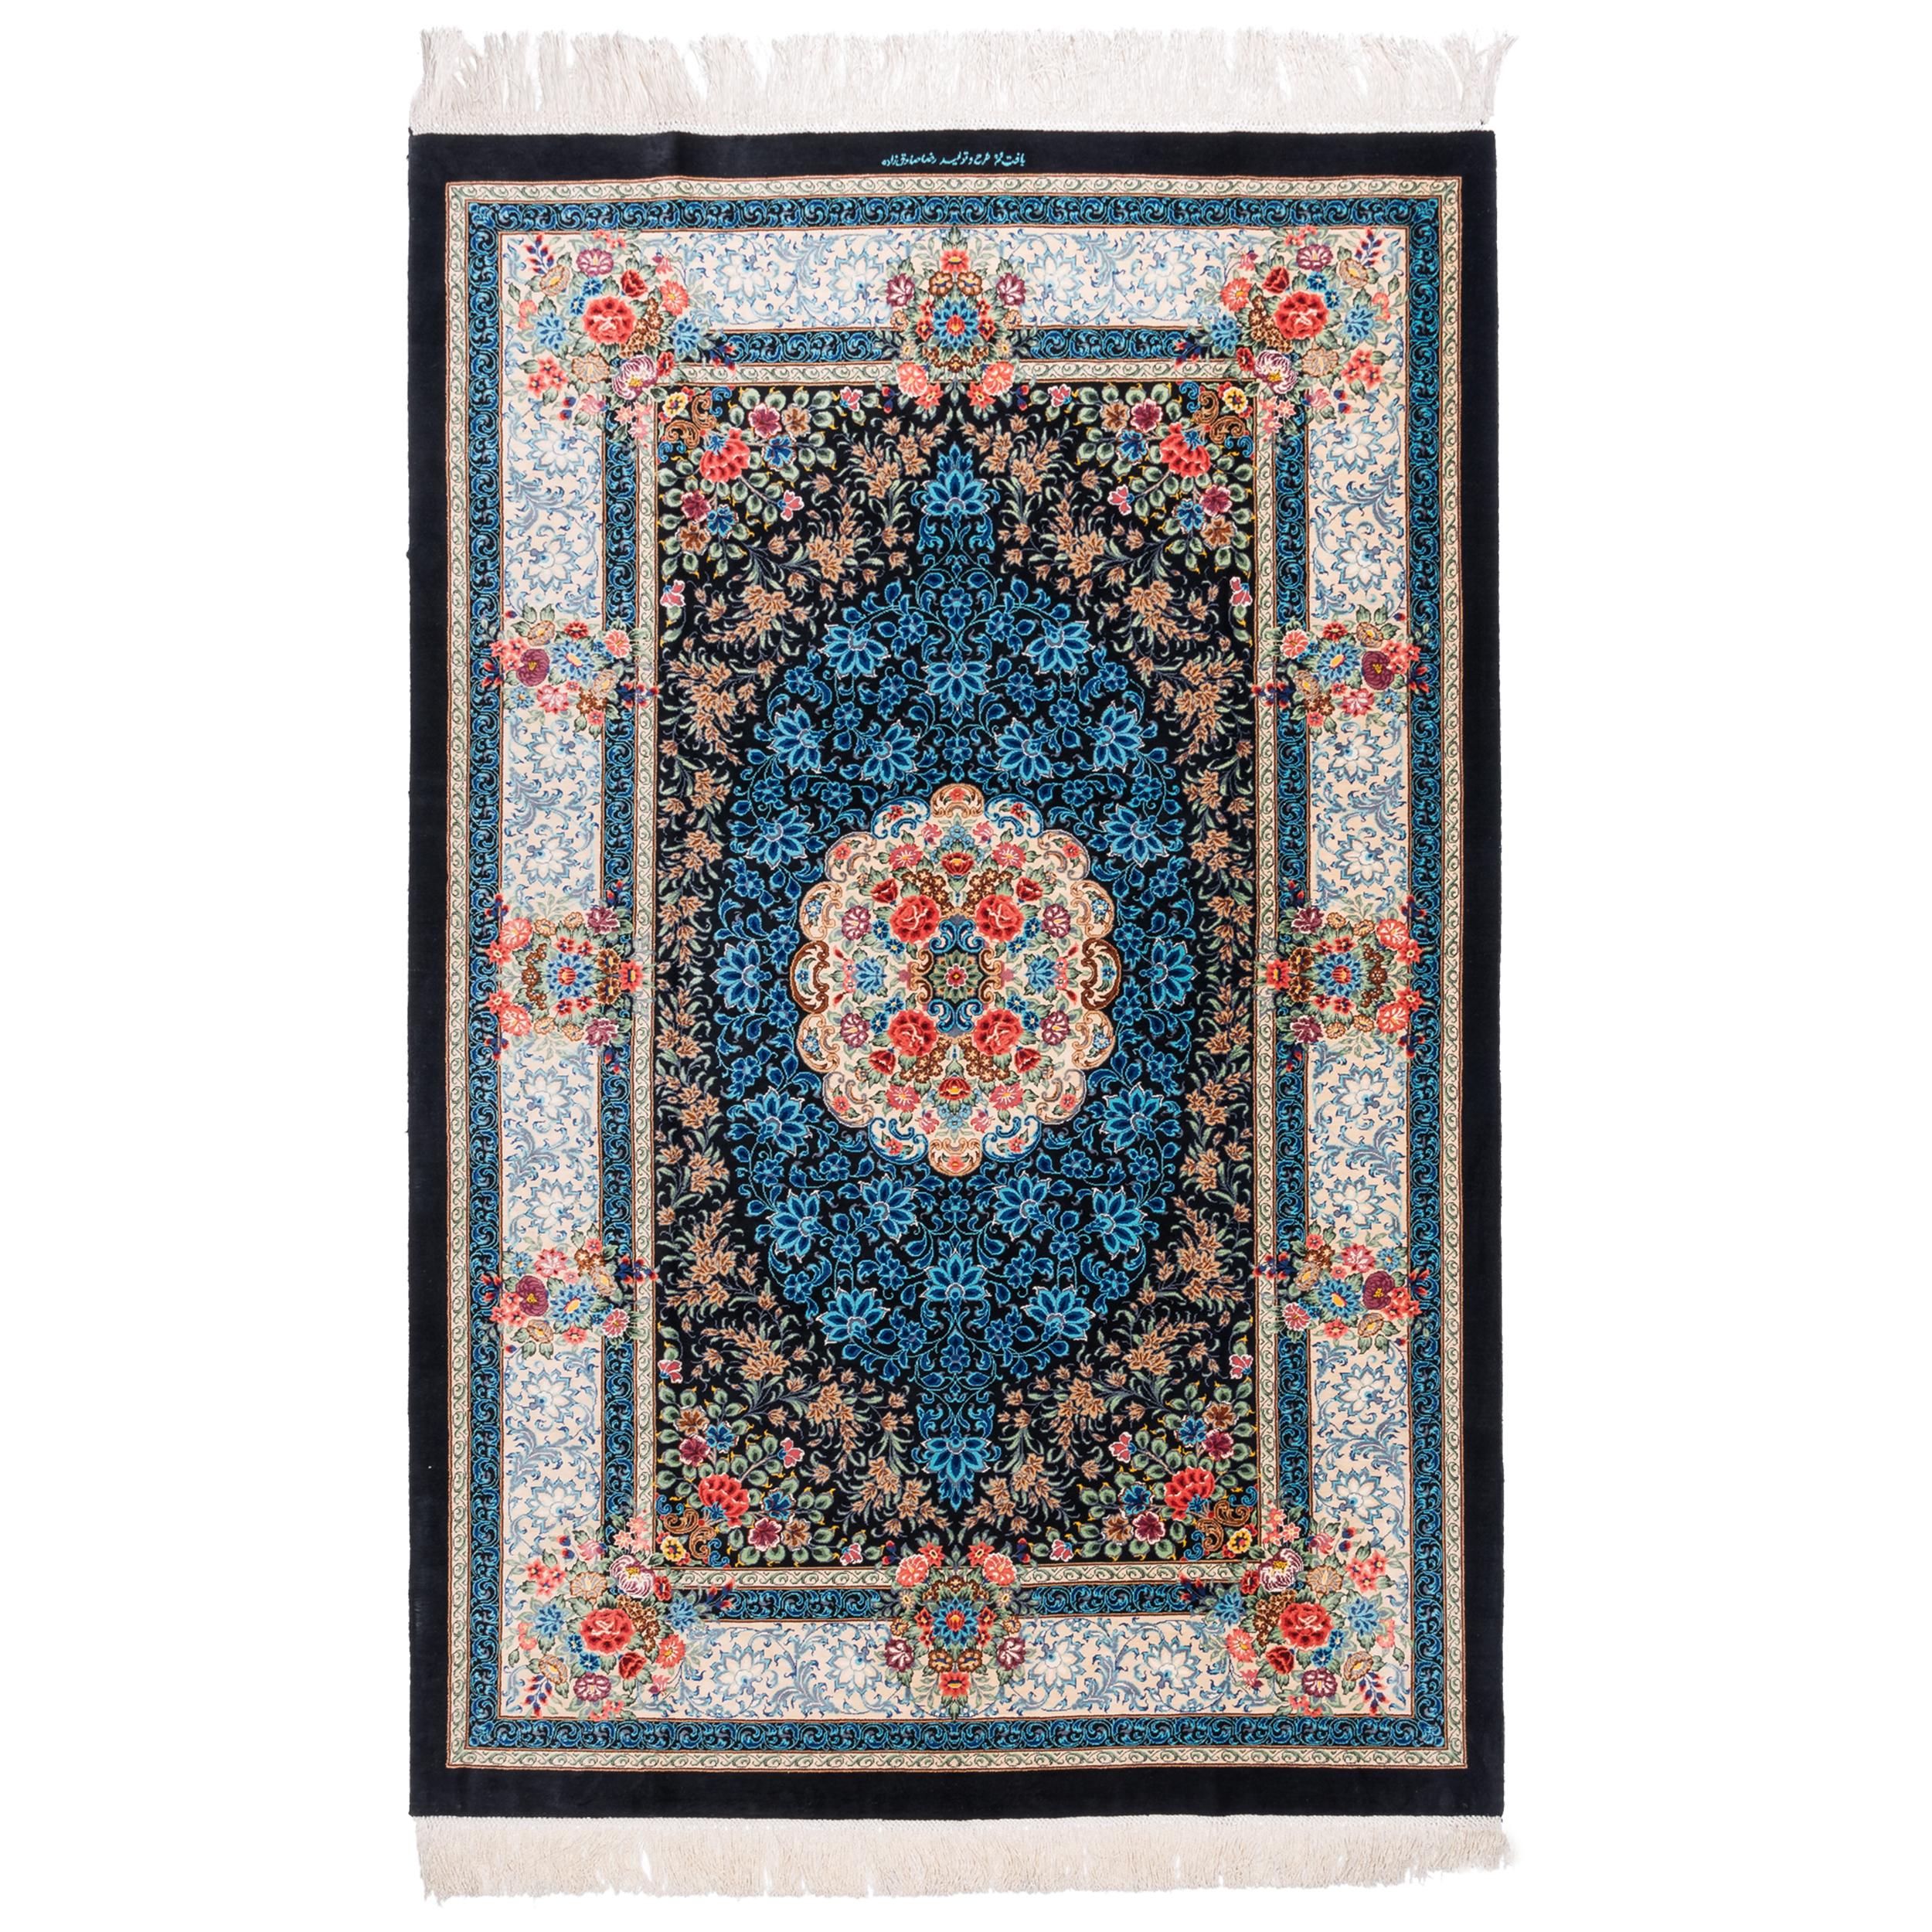 فرش دستبافت ذرع ونیم سی پرشیا کد 161087